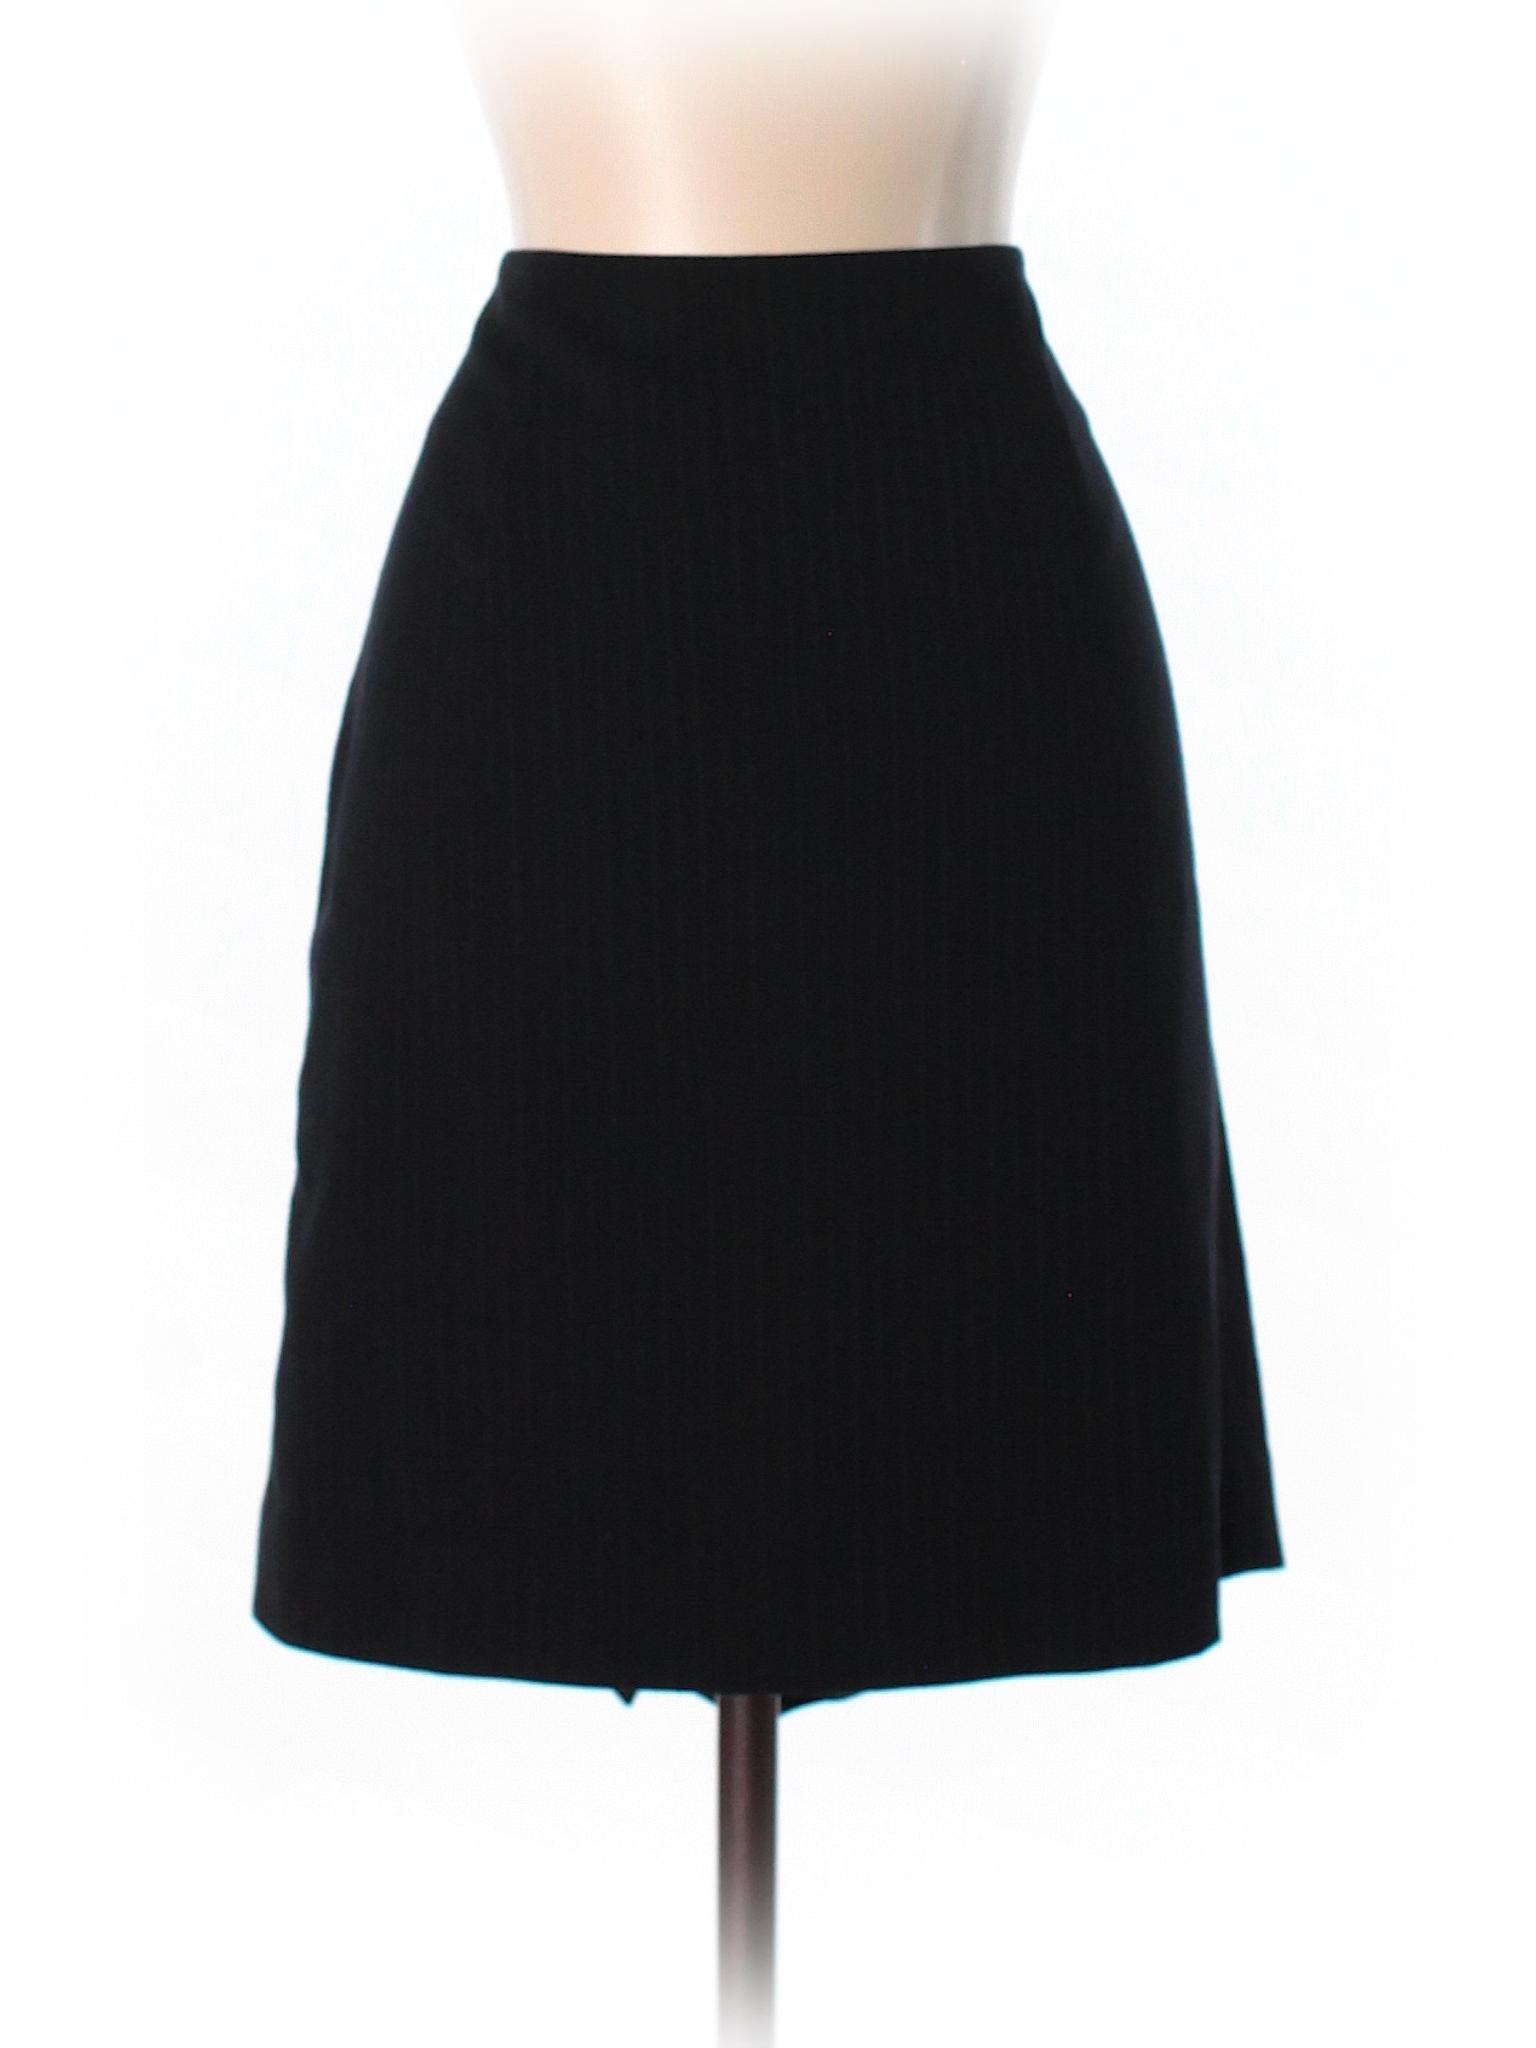 Skirt Casual Skirt Casual Boutique Casual Skirt Boutique Boutique qnxzEYv6U